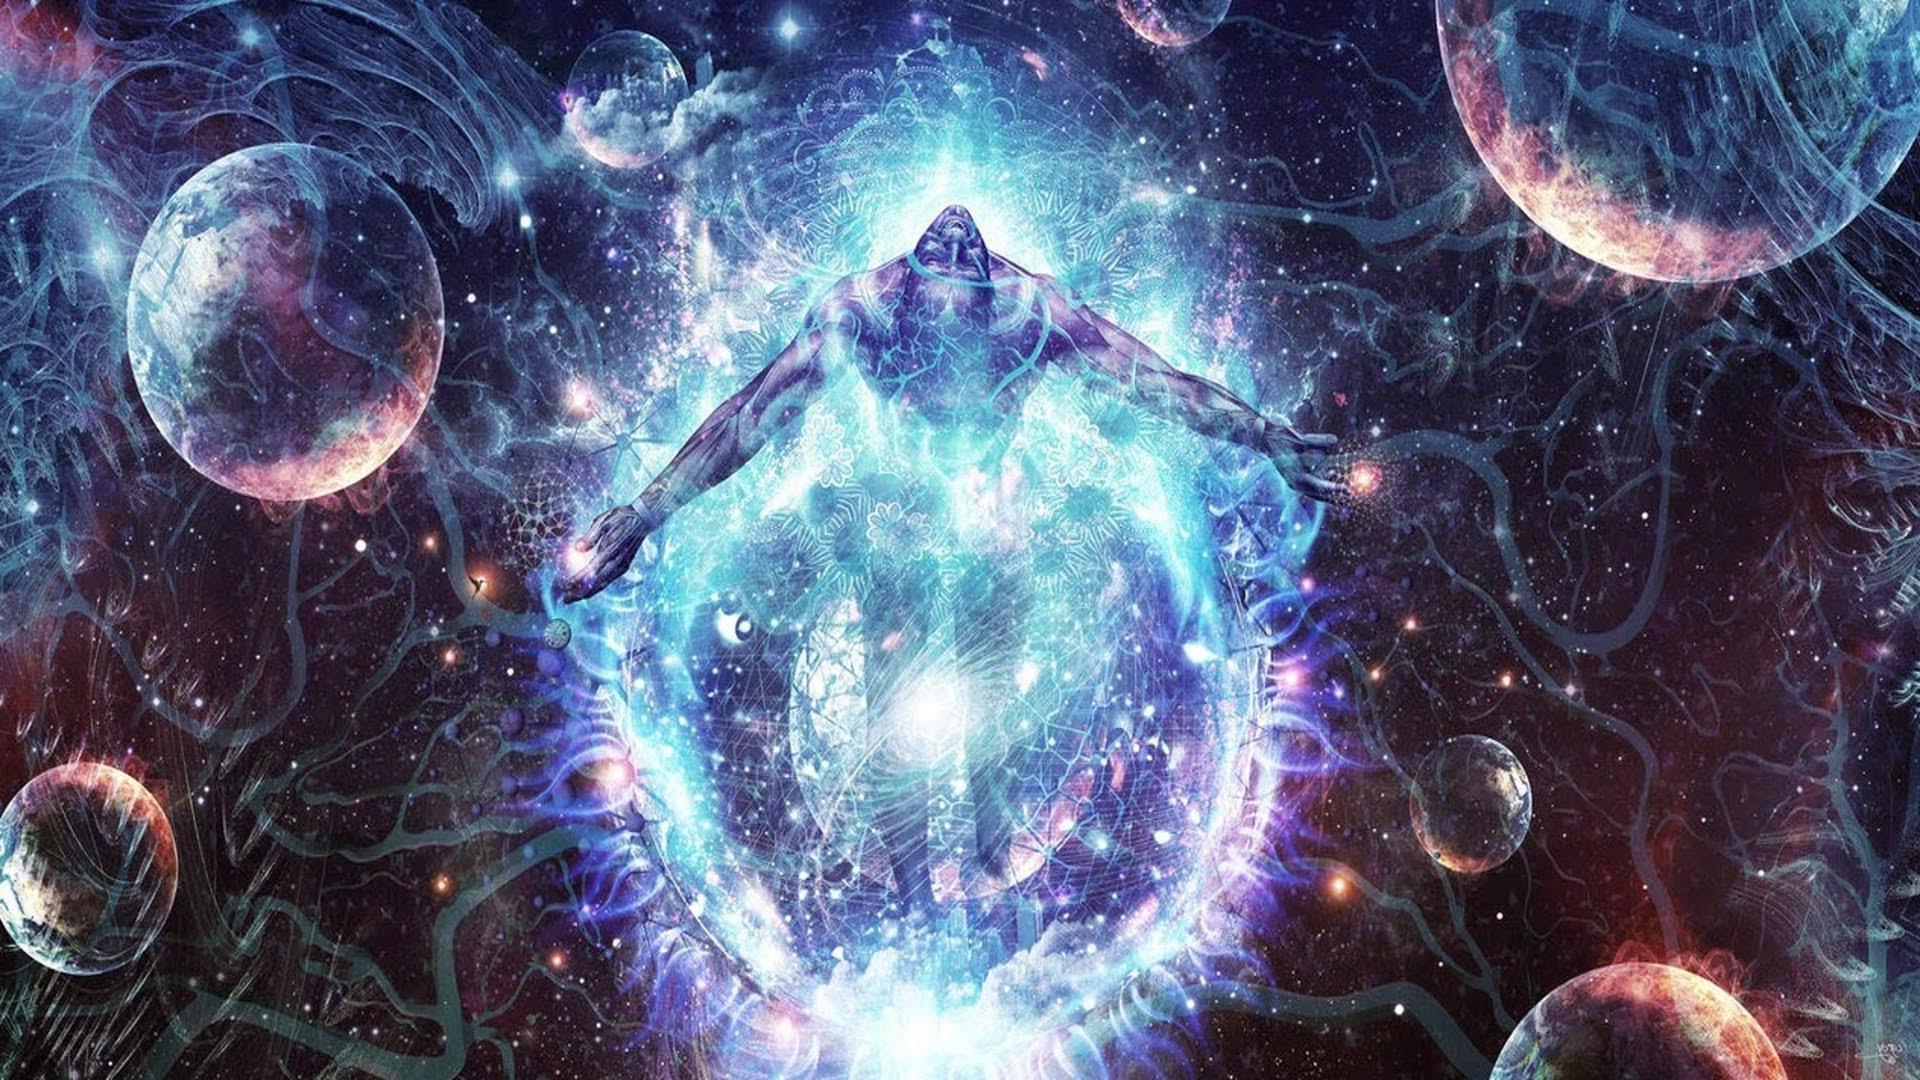 Во Вселенной астрономы нашли непрозрачный кусок, который не вписывается в «логику» космоса